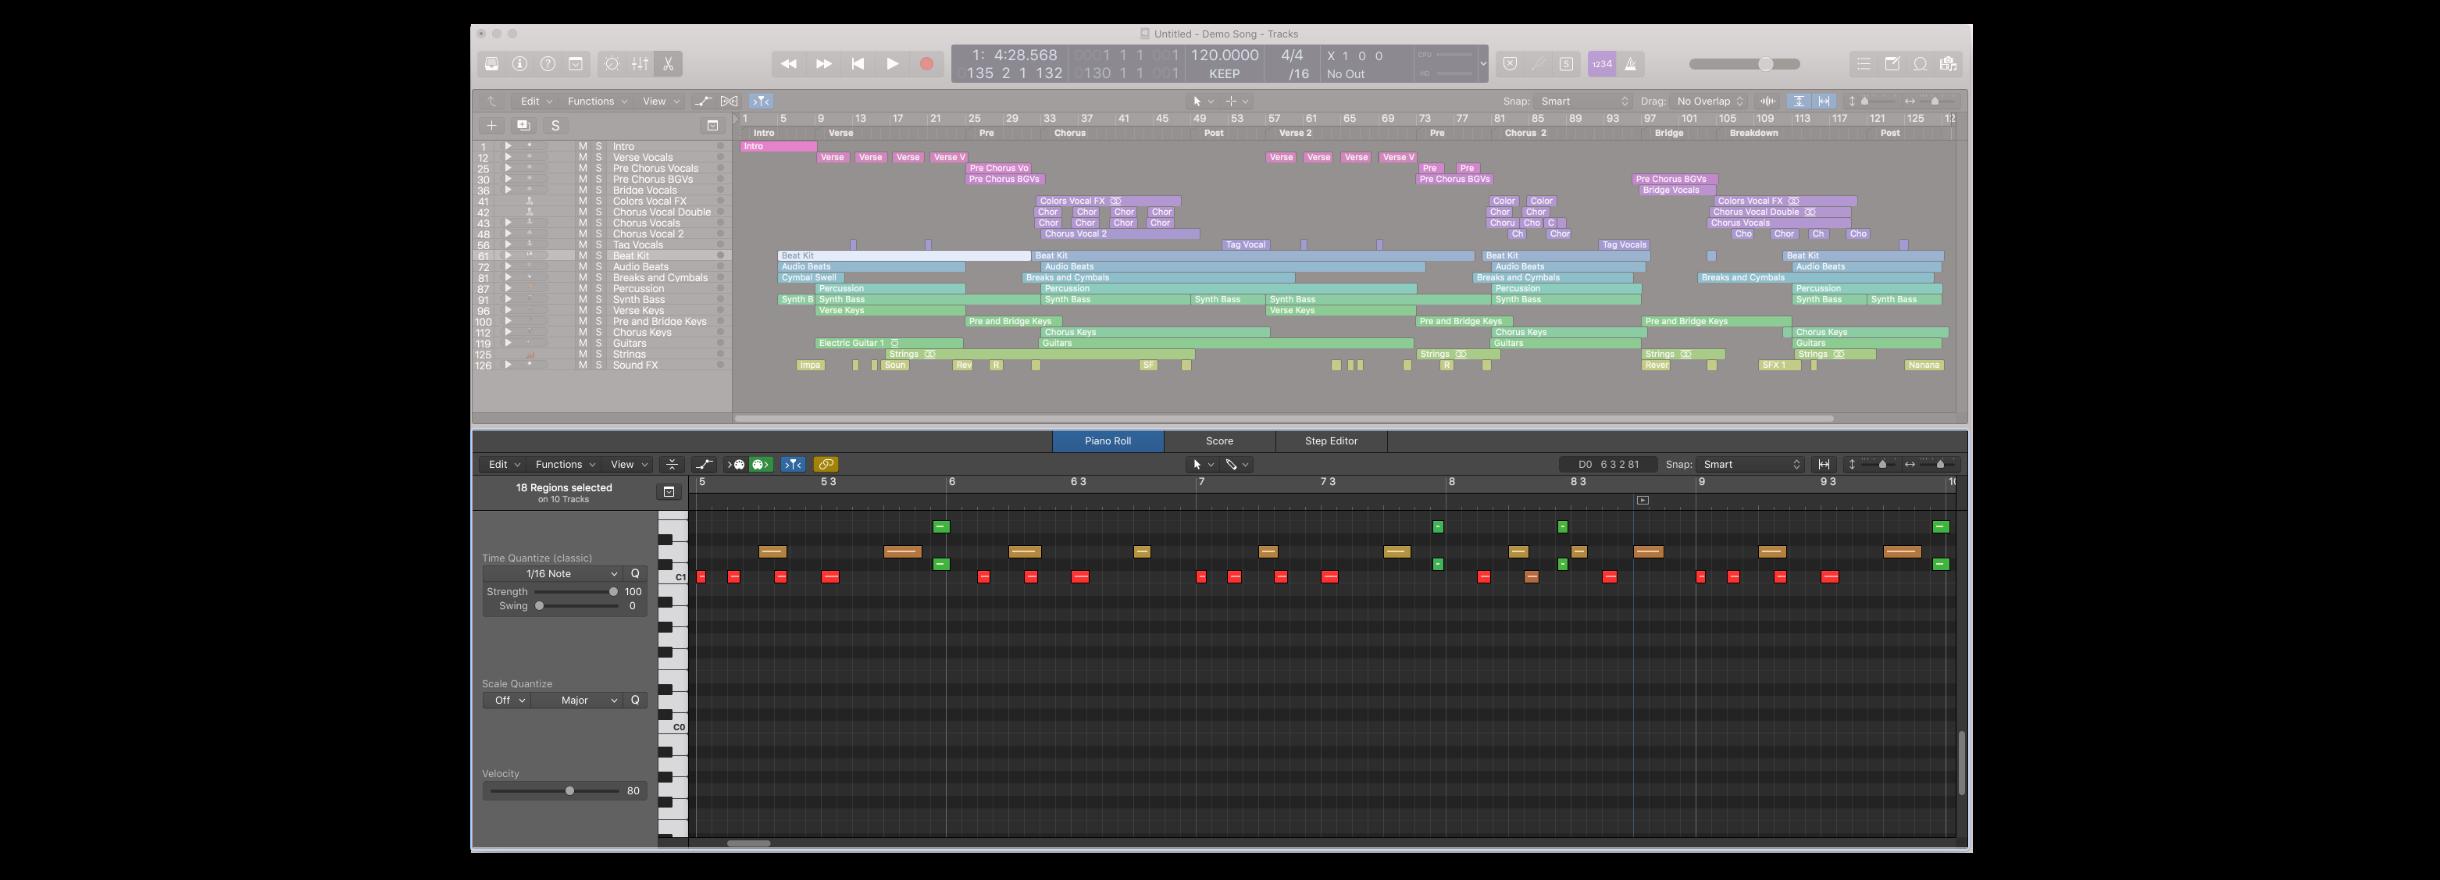 軟體樂器的 Editor 區域會顯示鋼琴捲軸視窗,開啟的快捷鍵是 P or E